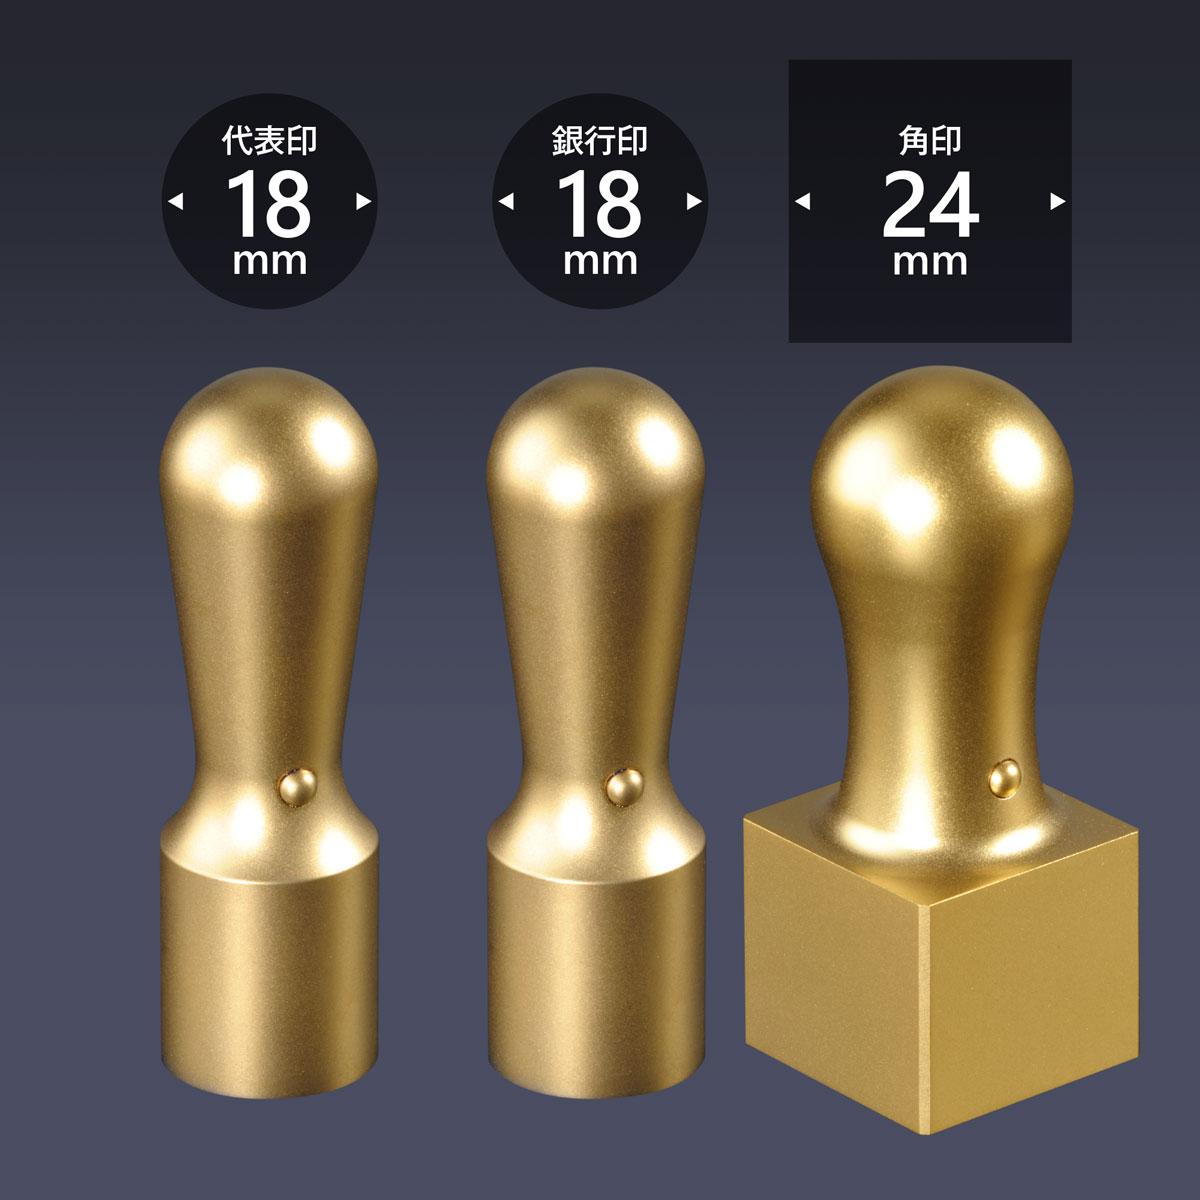 会社印 ブラストチタン(ゴールド)3本F24セット/送料無料 法人 会社設立 実印 銀行印 角印 女性 法人印鑑 社印